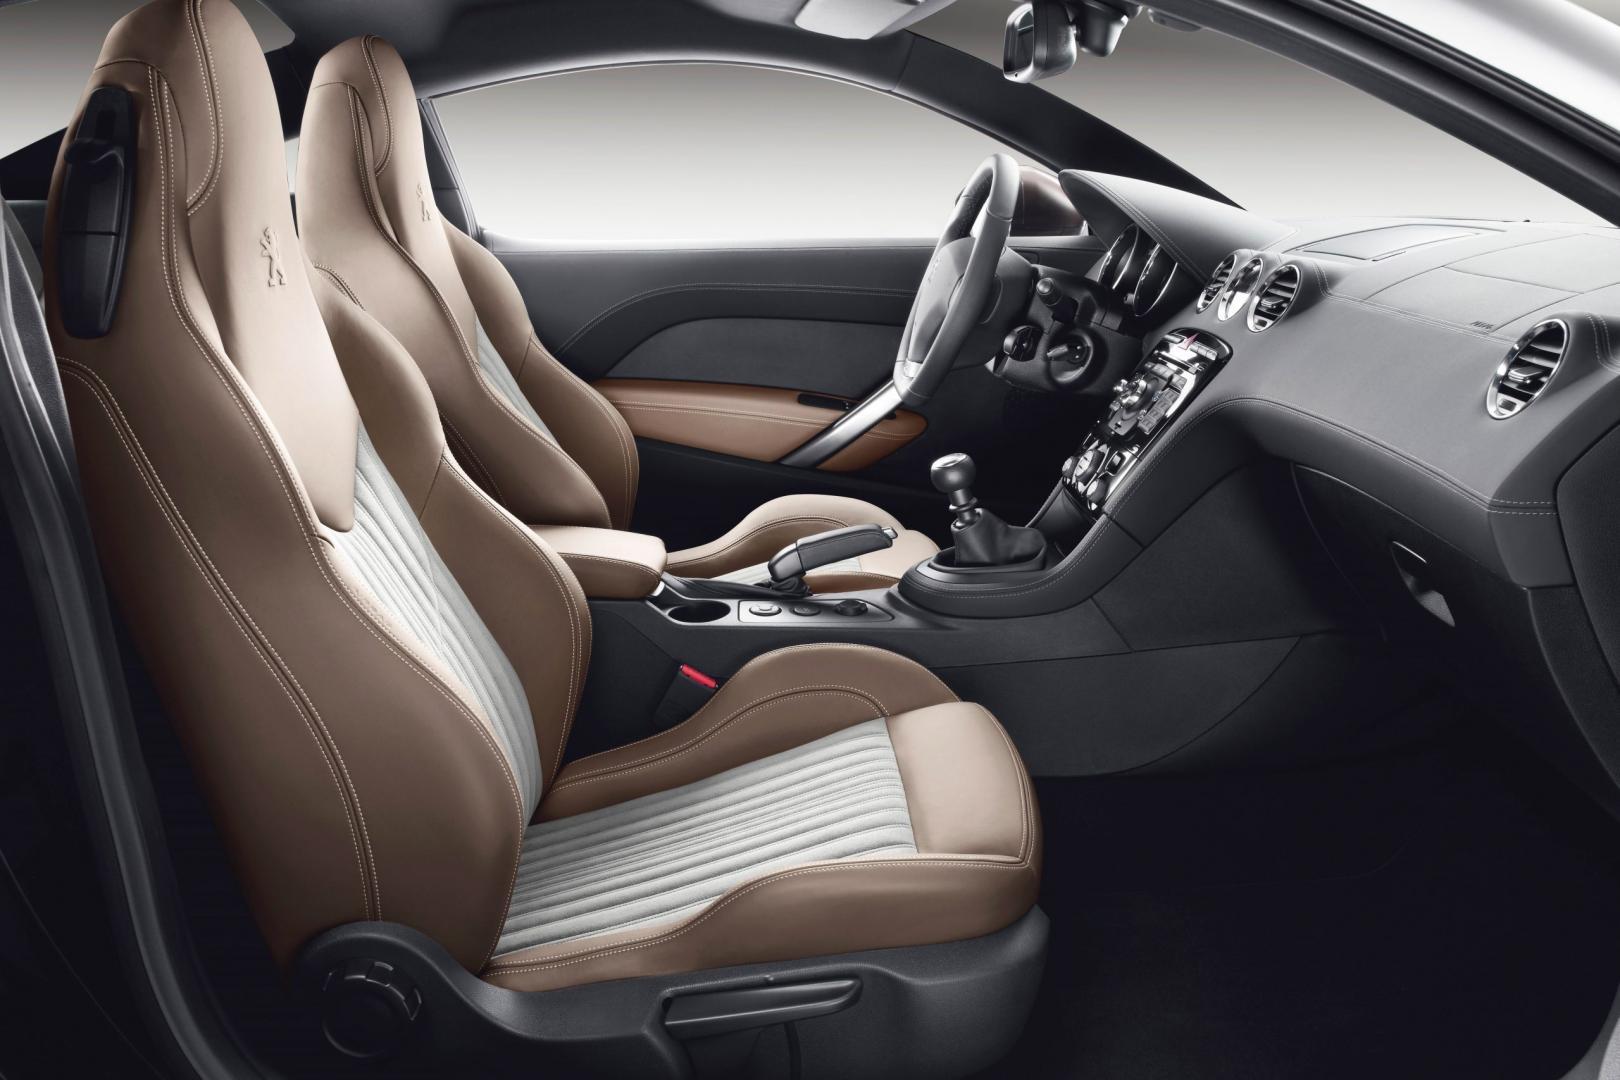 Peugeot RCZ interieur (2013)